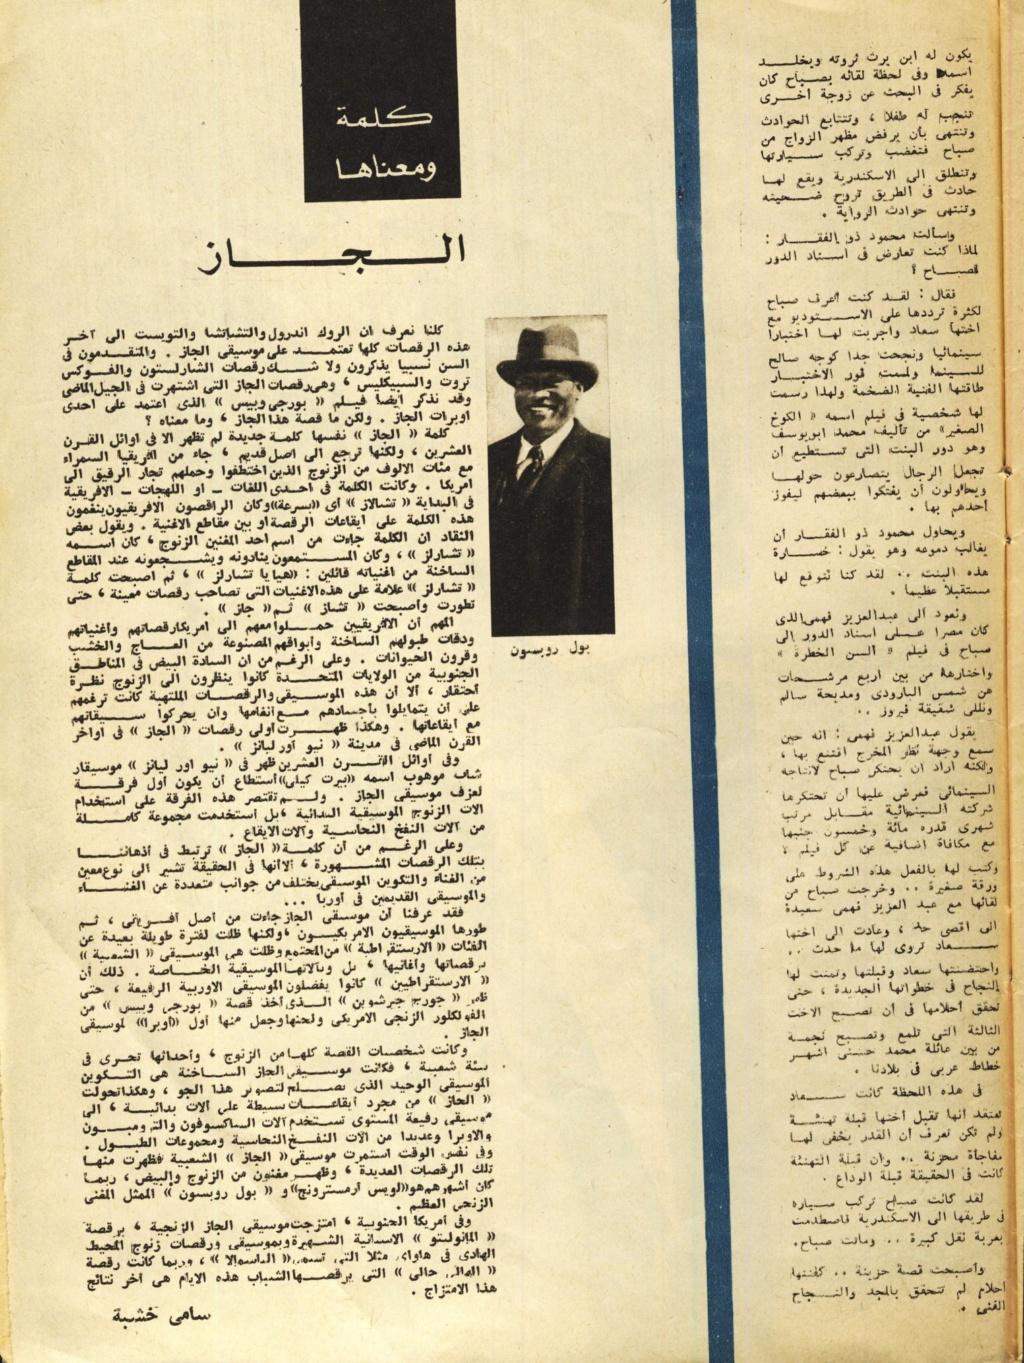 مقال - مقال صحفي : قبلة الوداع .. بين صباح وسعاد 1965 م 254